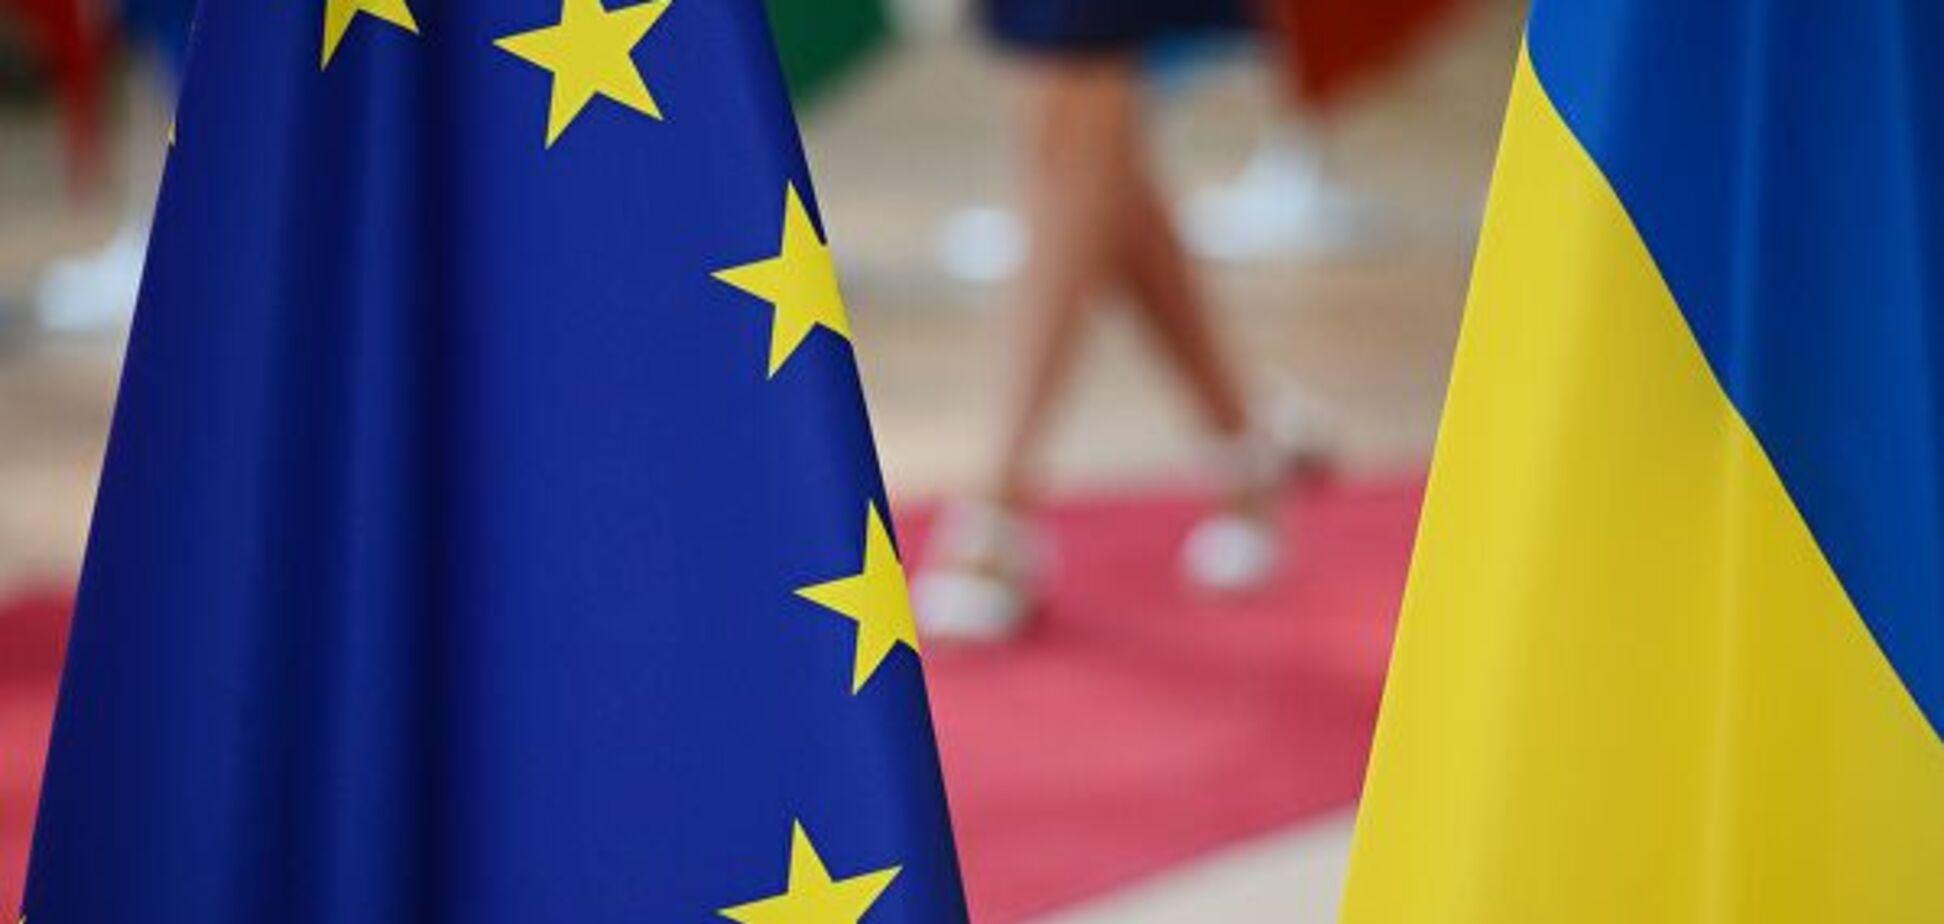 'Укріпимо Україну': в ЄС висловили потужну підтримку в боротьбі з Росією